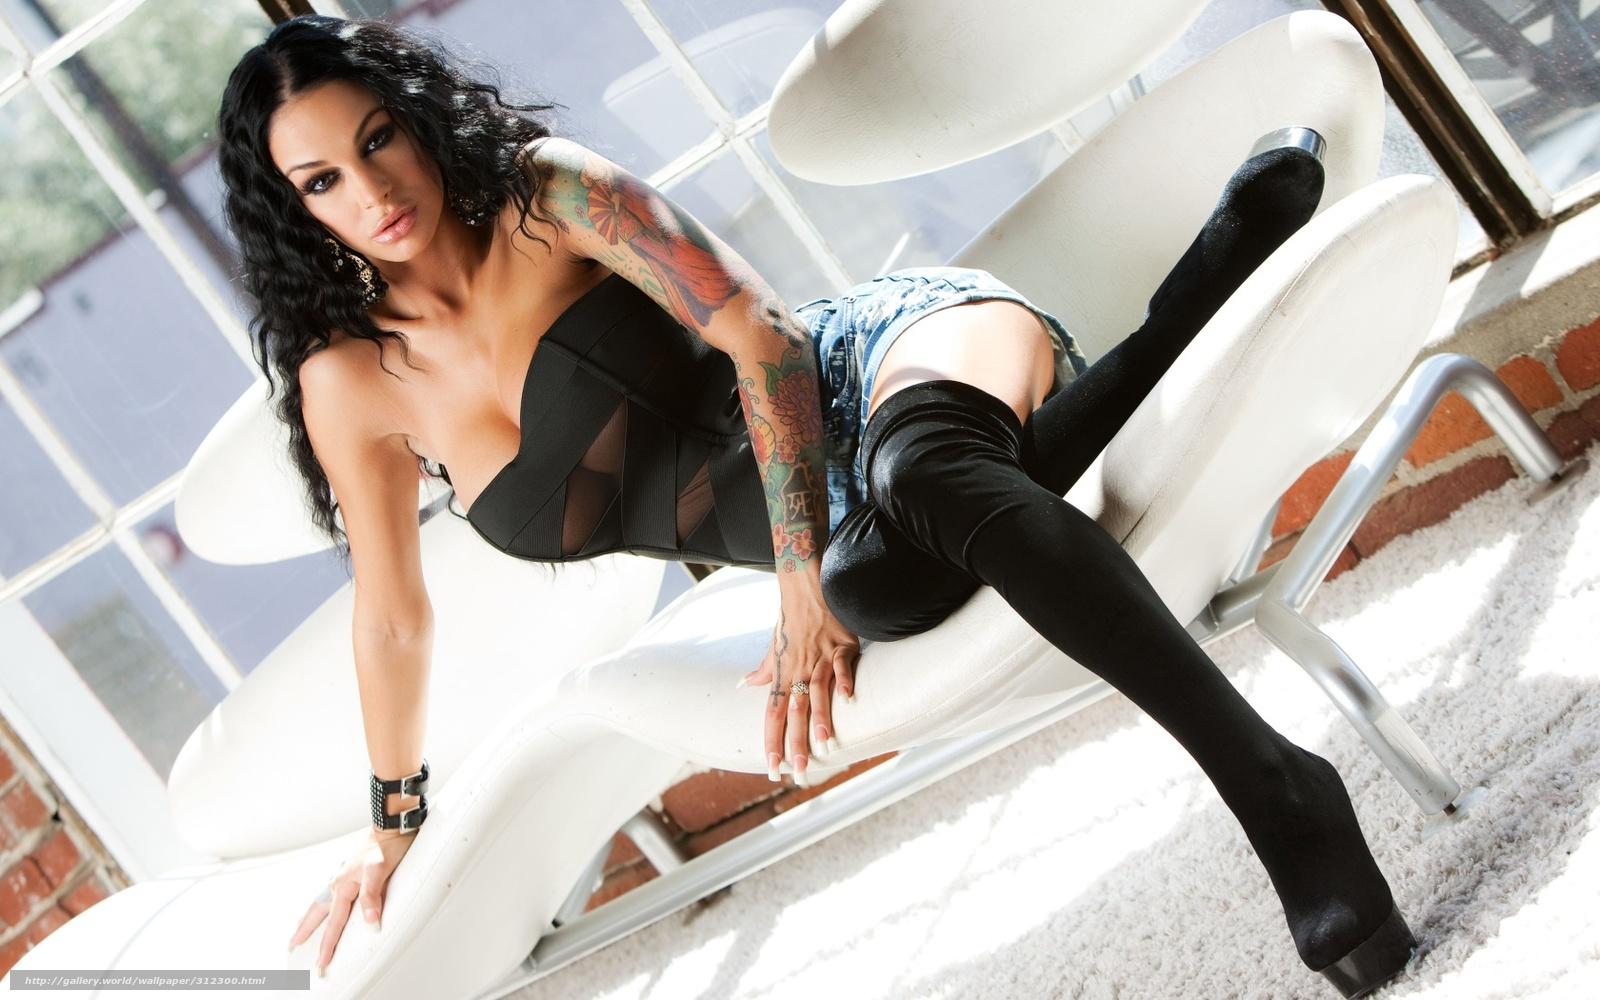 Секси девушки модели 22 фотография